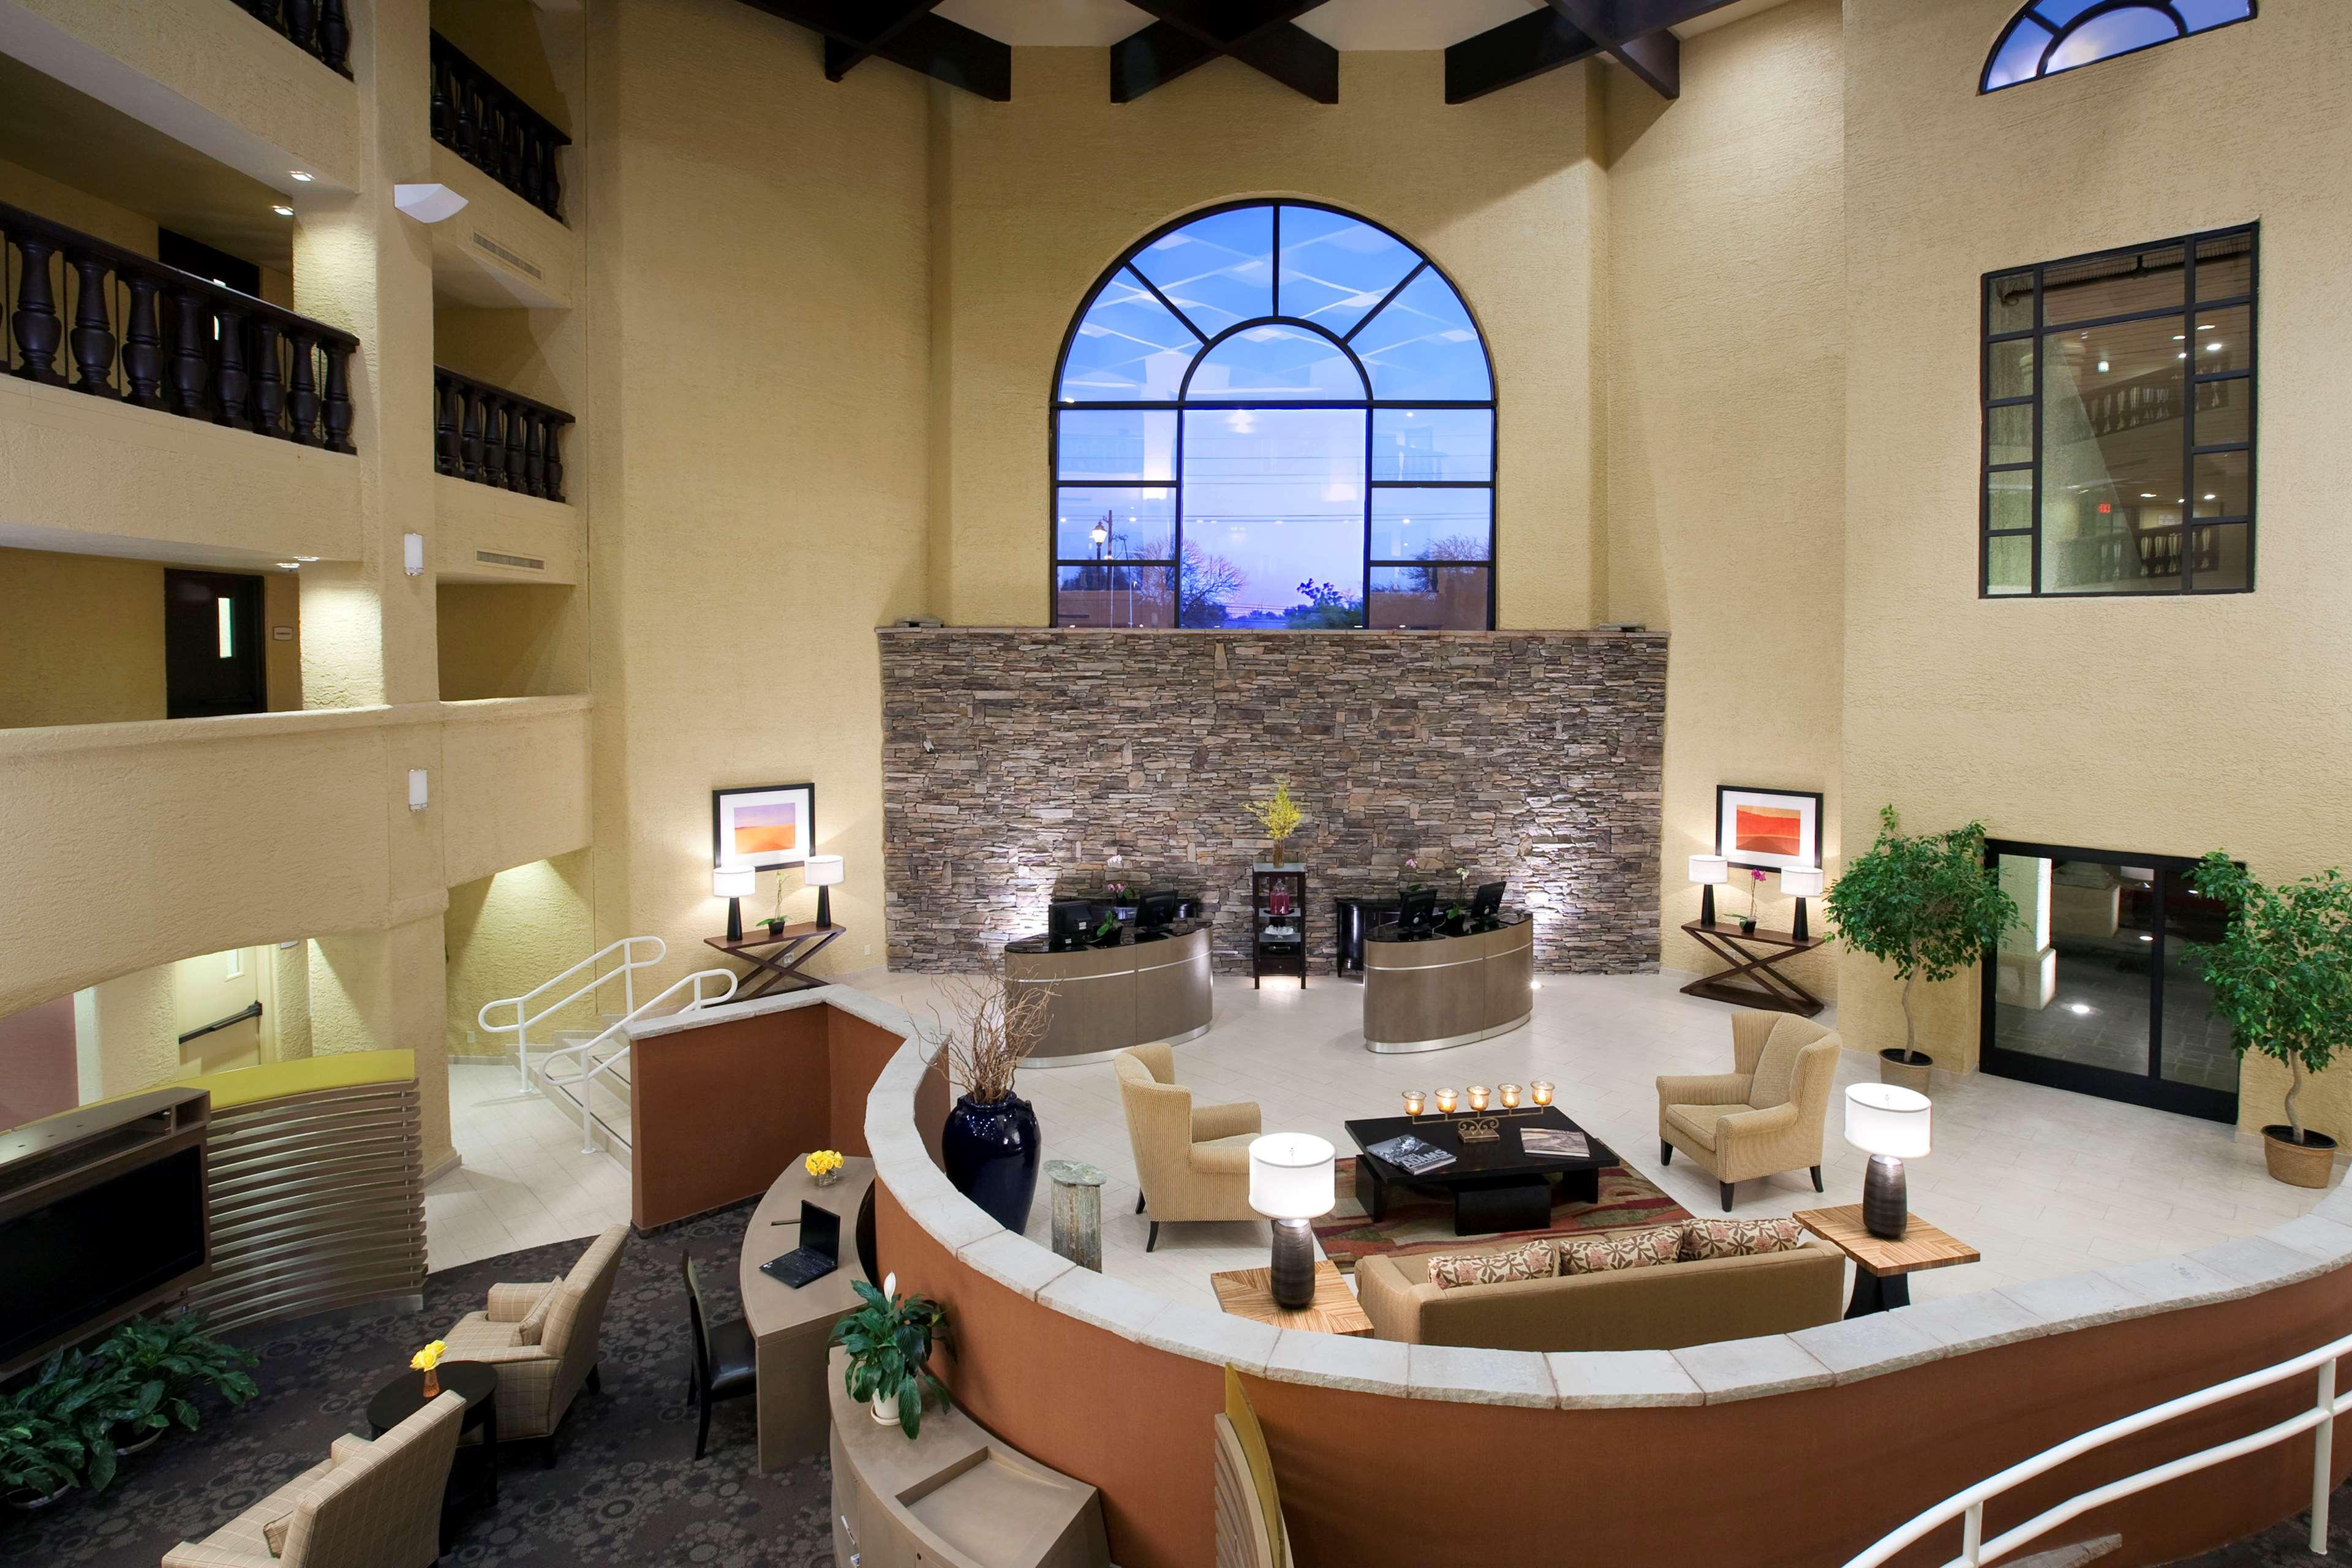 Sheraton Tucson Hotel & Suites image 1